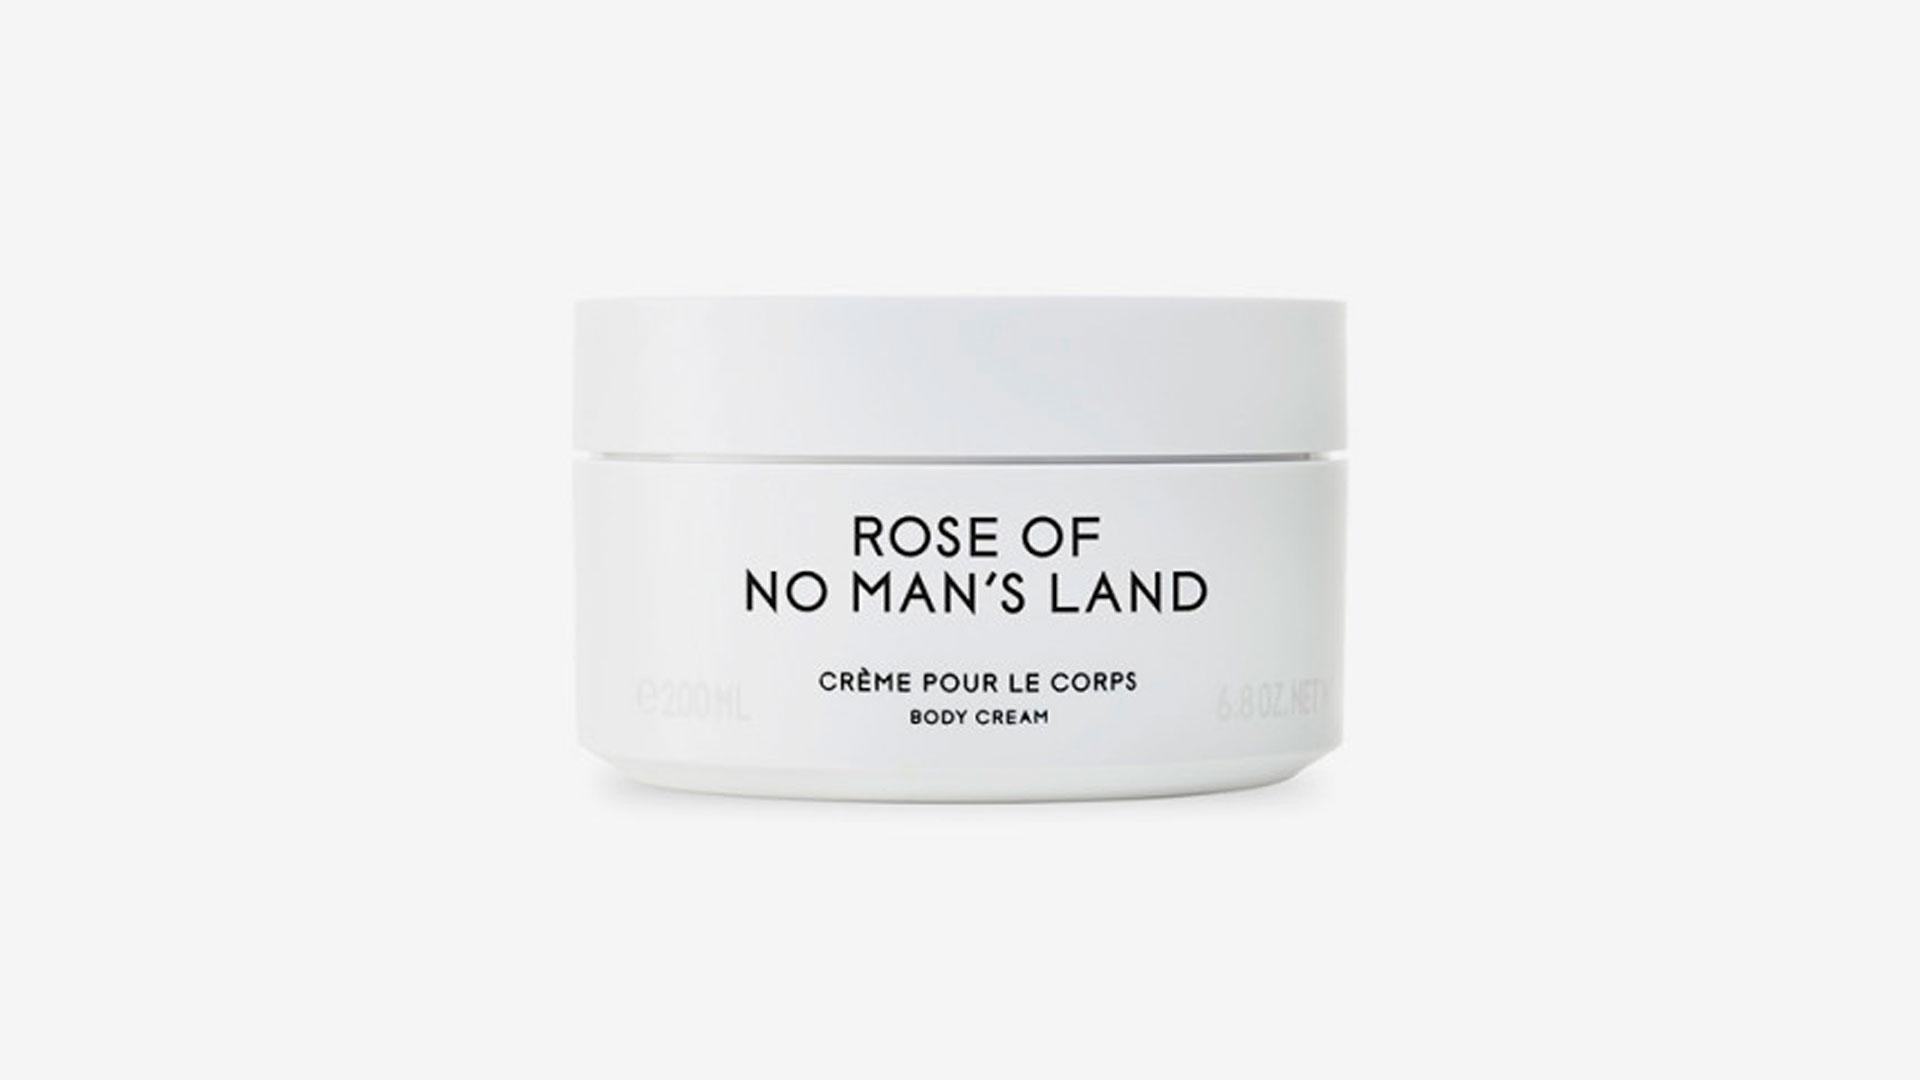 Imagen de los productos cosméticos Byredo